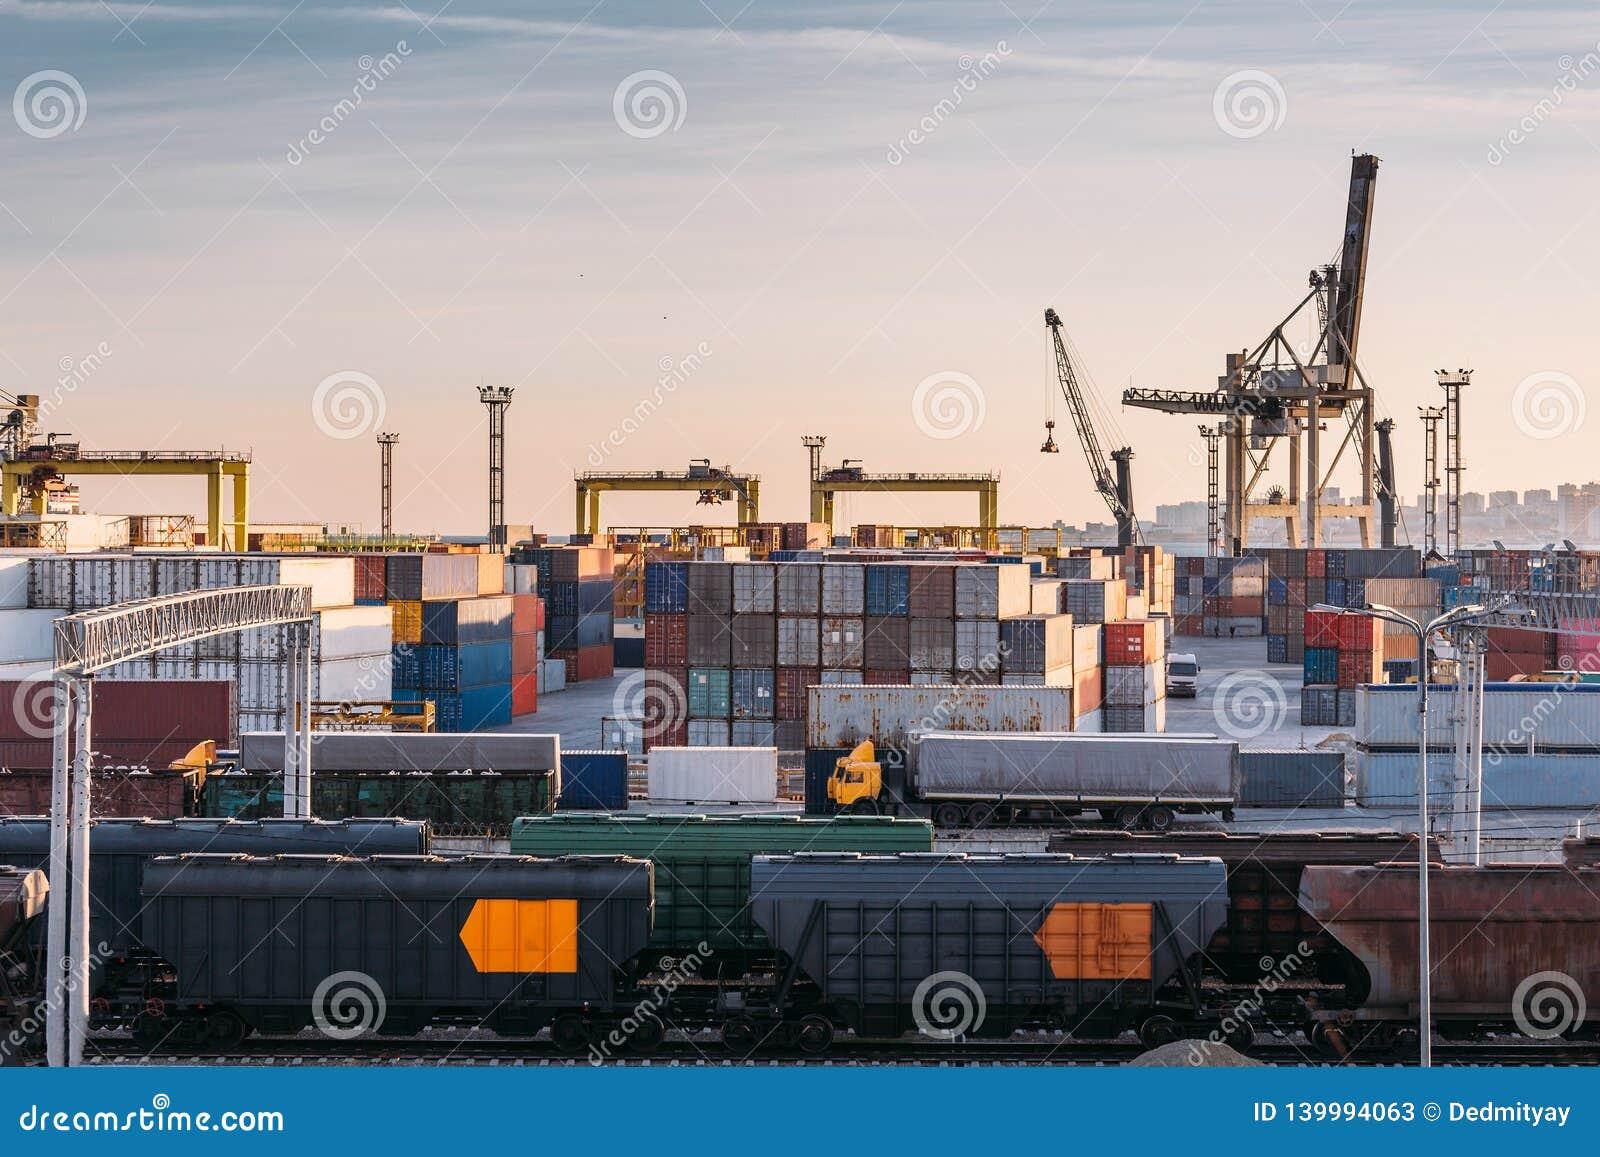 Frakta trans.havsport för import- och exportgods i lastbehållare med kranar, sändnings för industriell affär